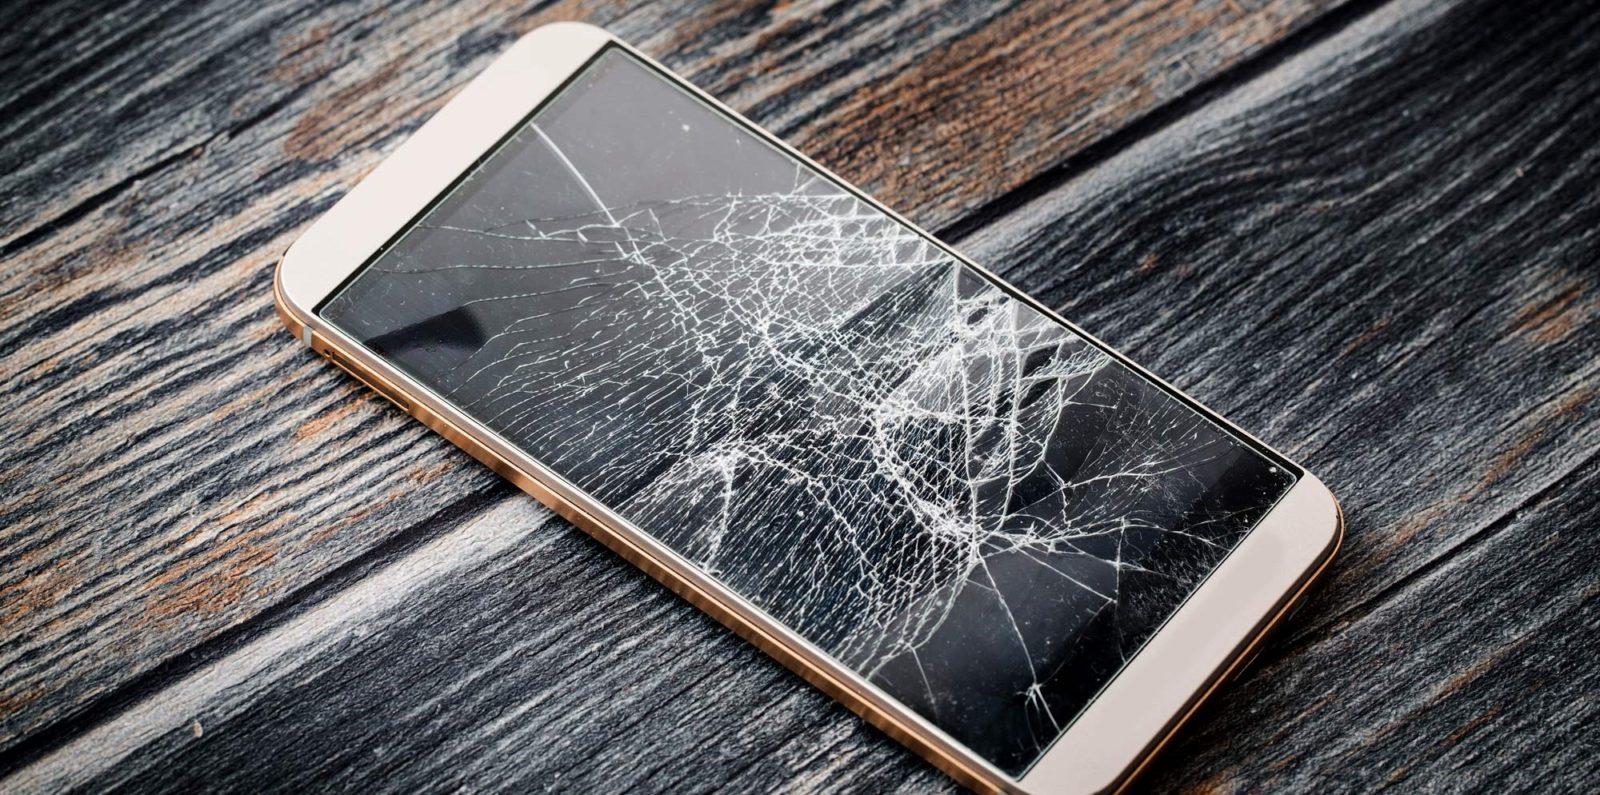 Девушка убила своего парня телефоном